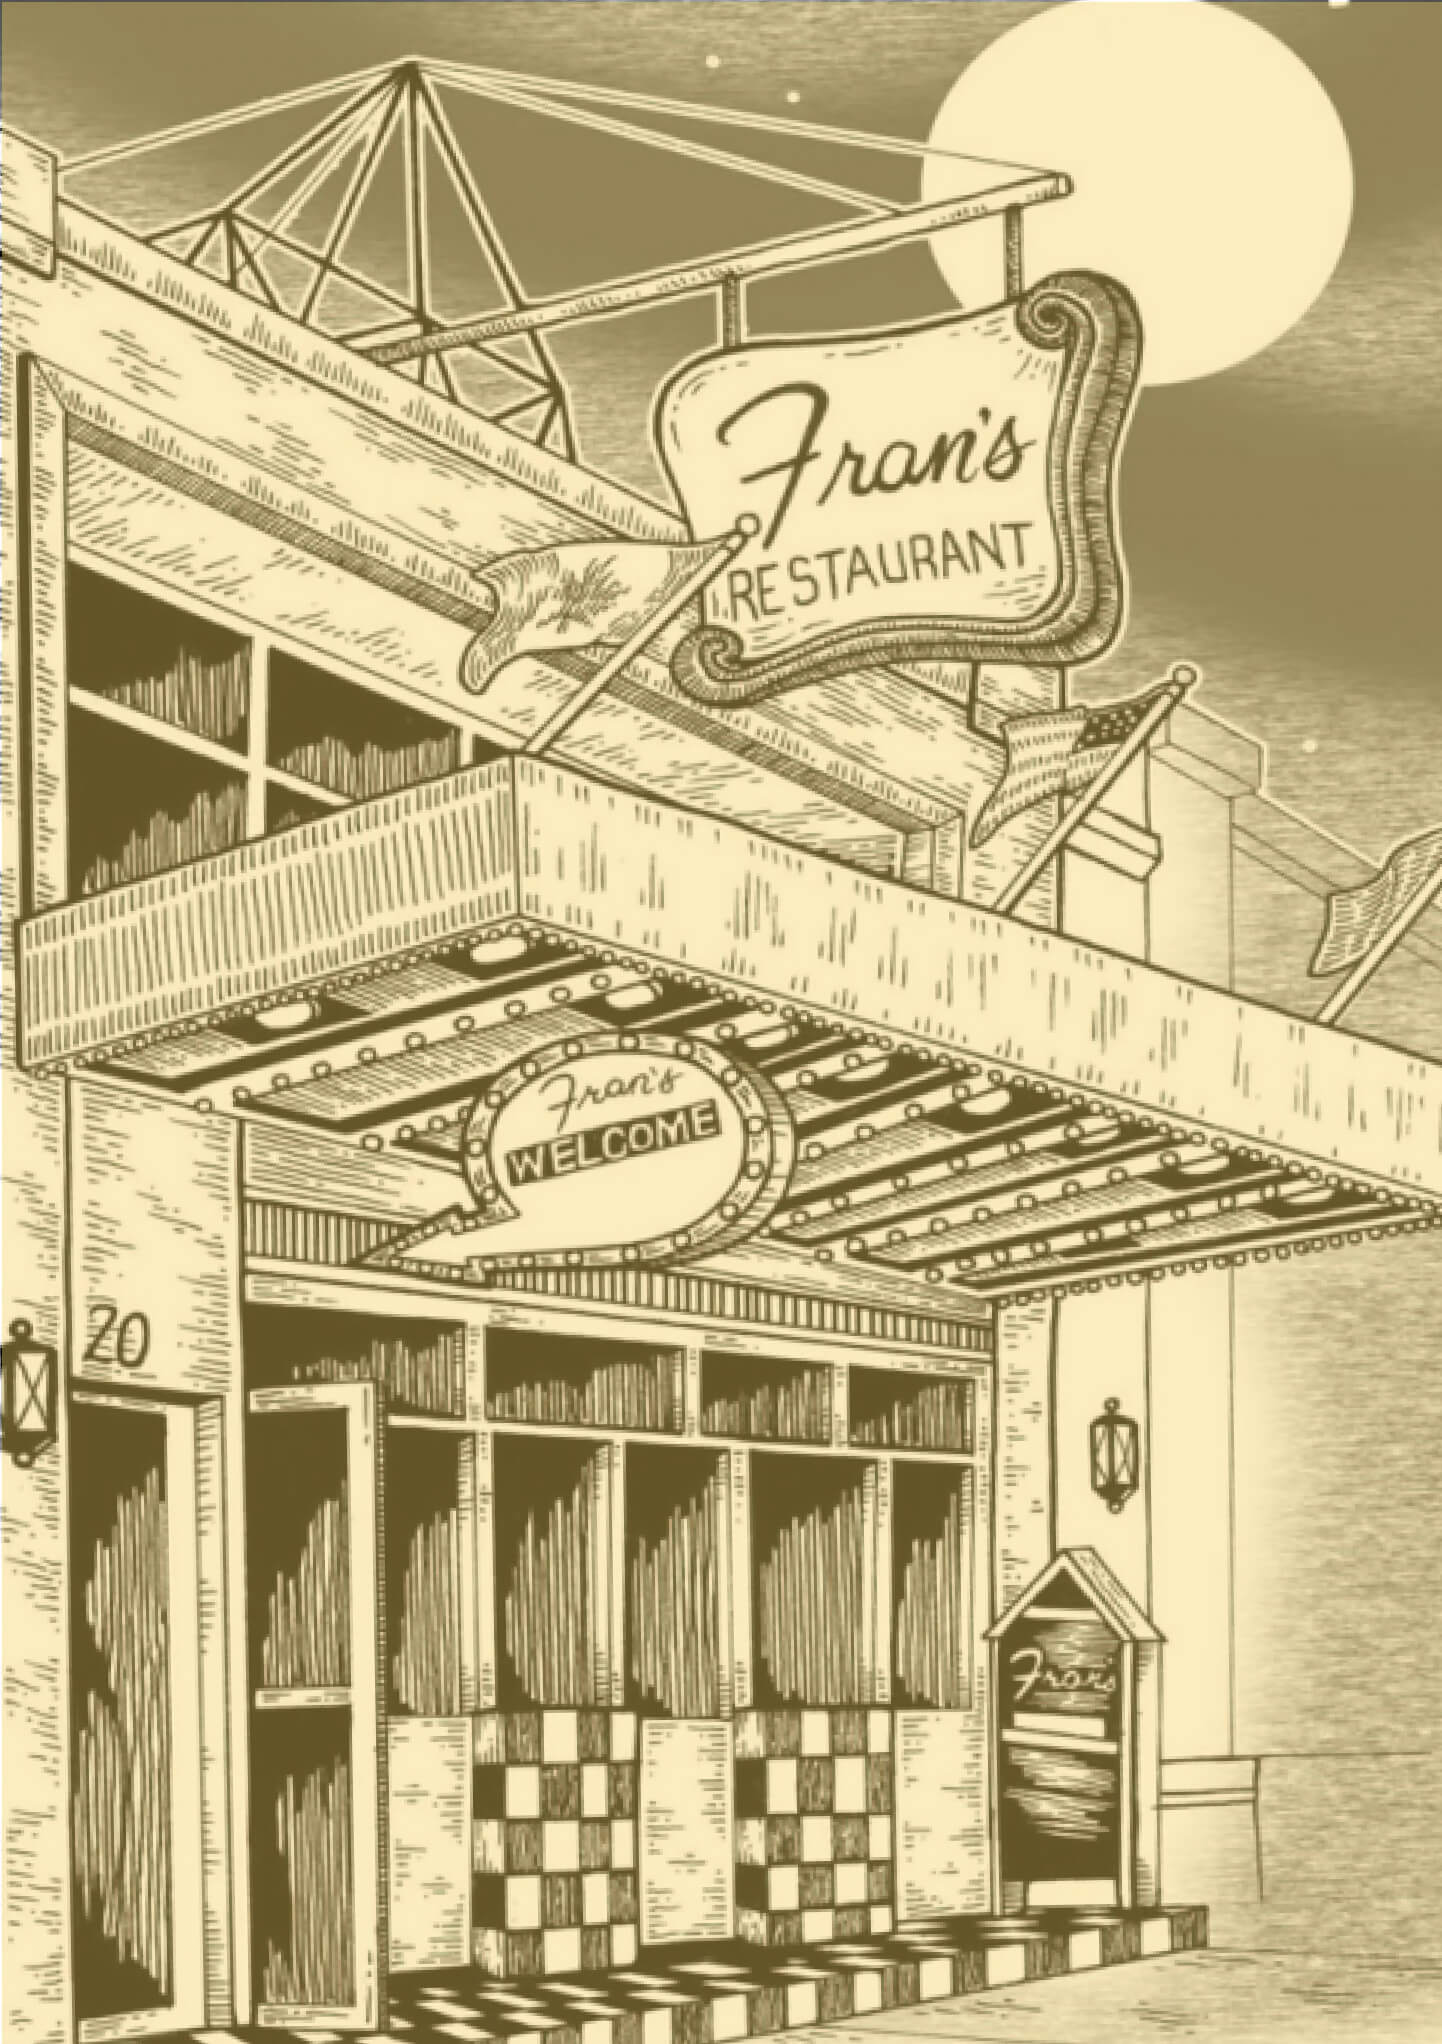 vintage illustration of frans